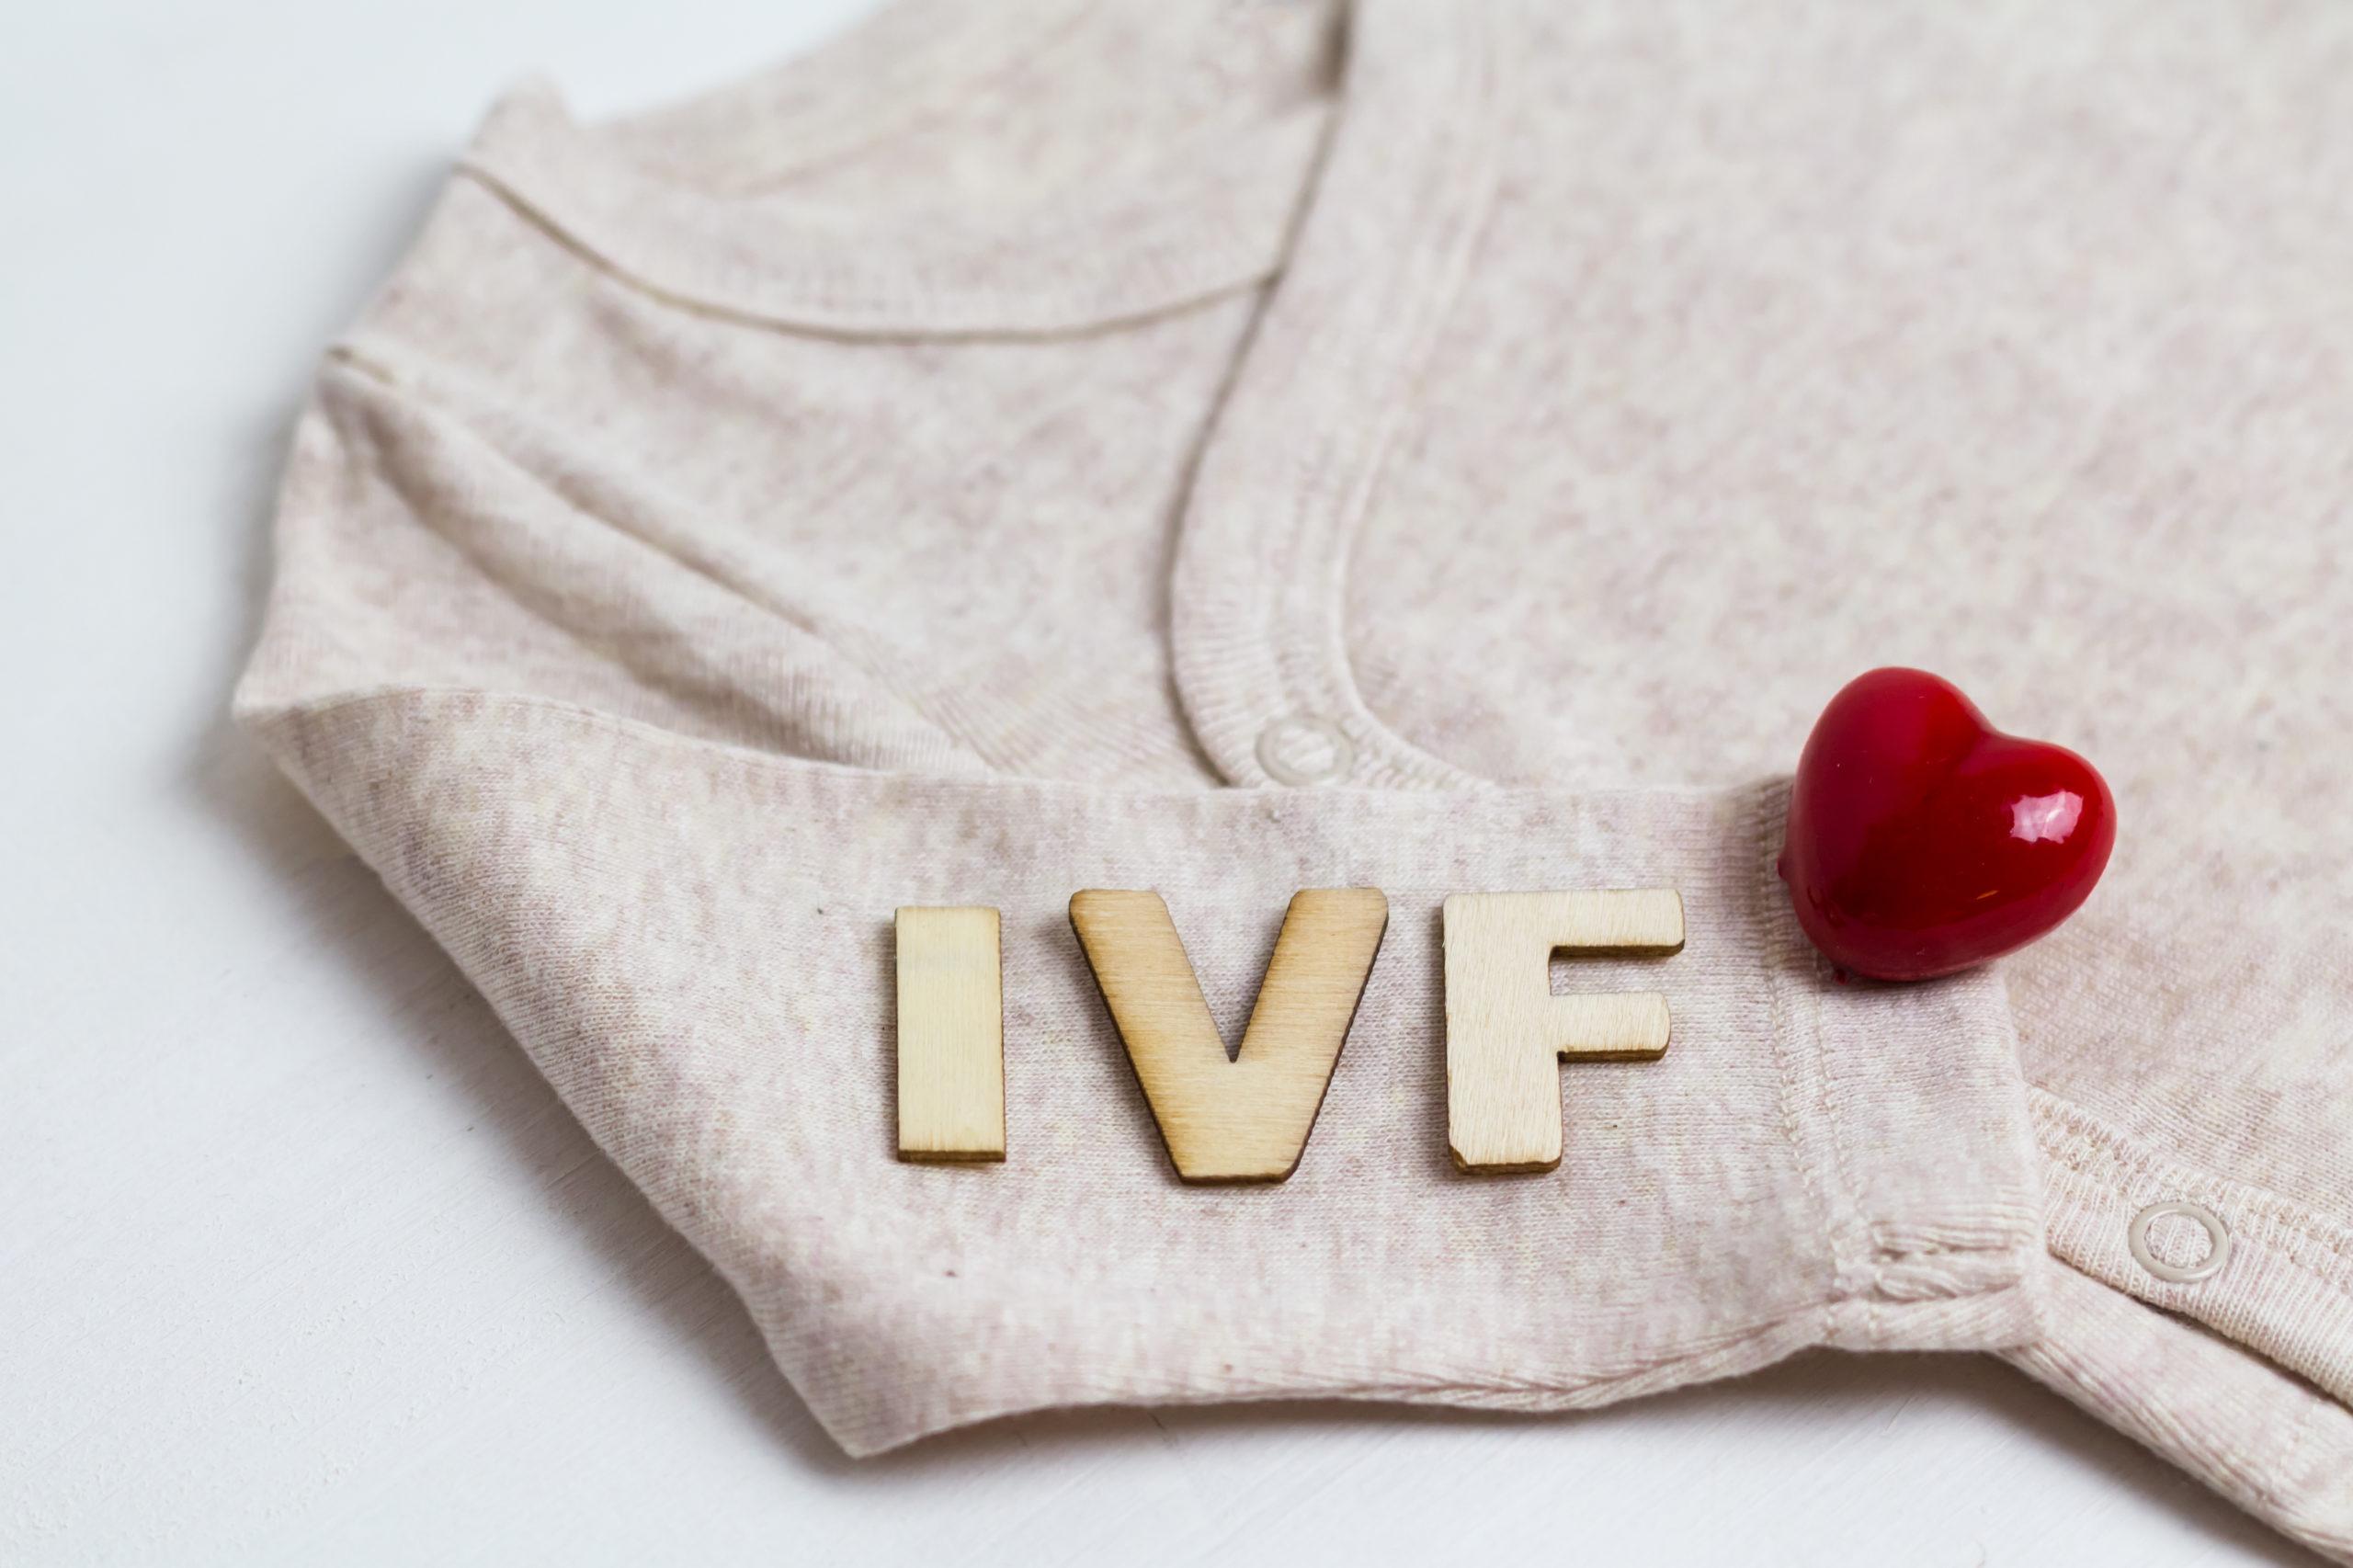 Your IVF Starter Kit!